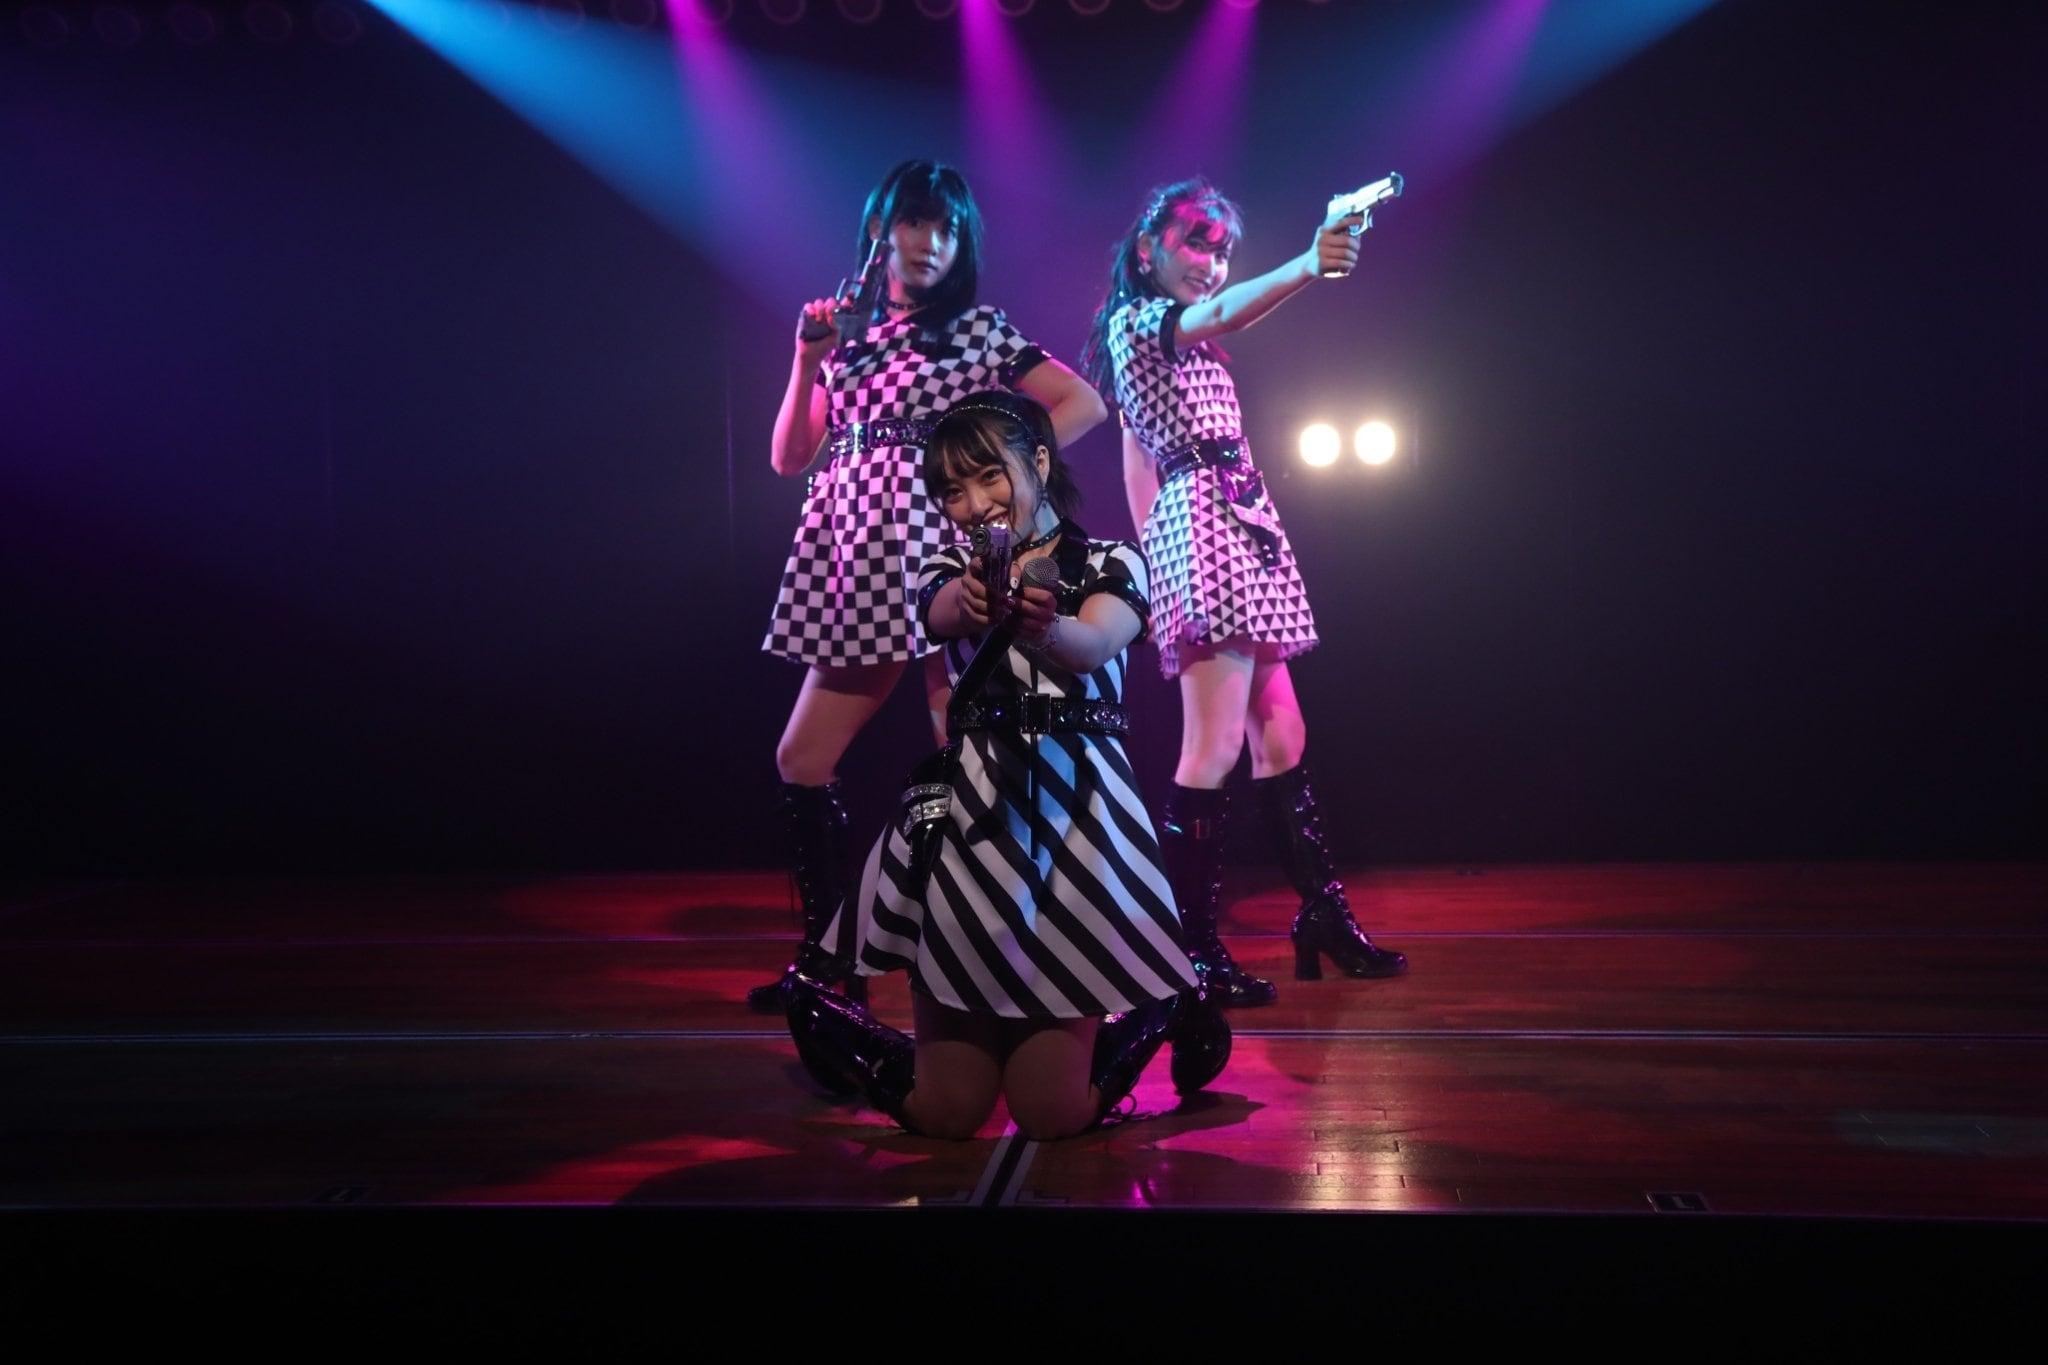 柏木由紀がセットリストを考案!AKB48新公演「僕の夏が始まる」が開幕【写真9枚】の画像007